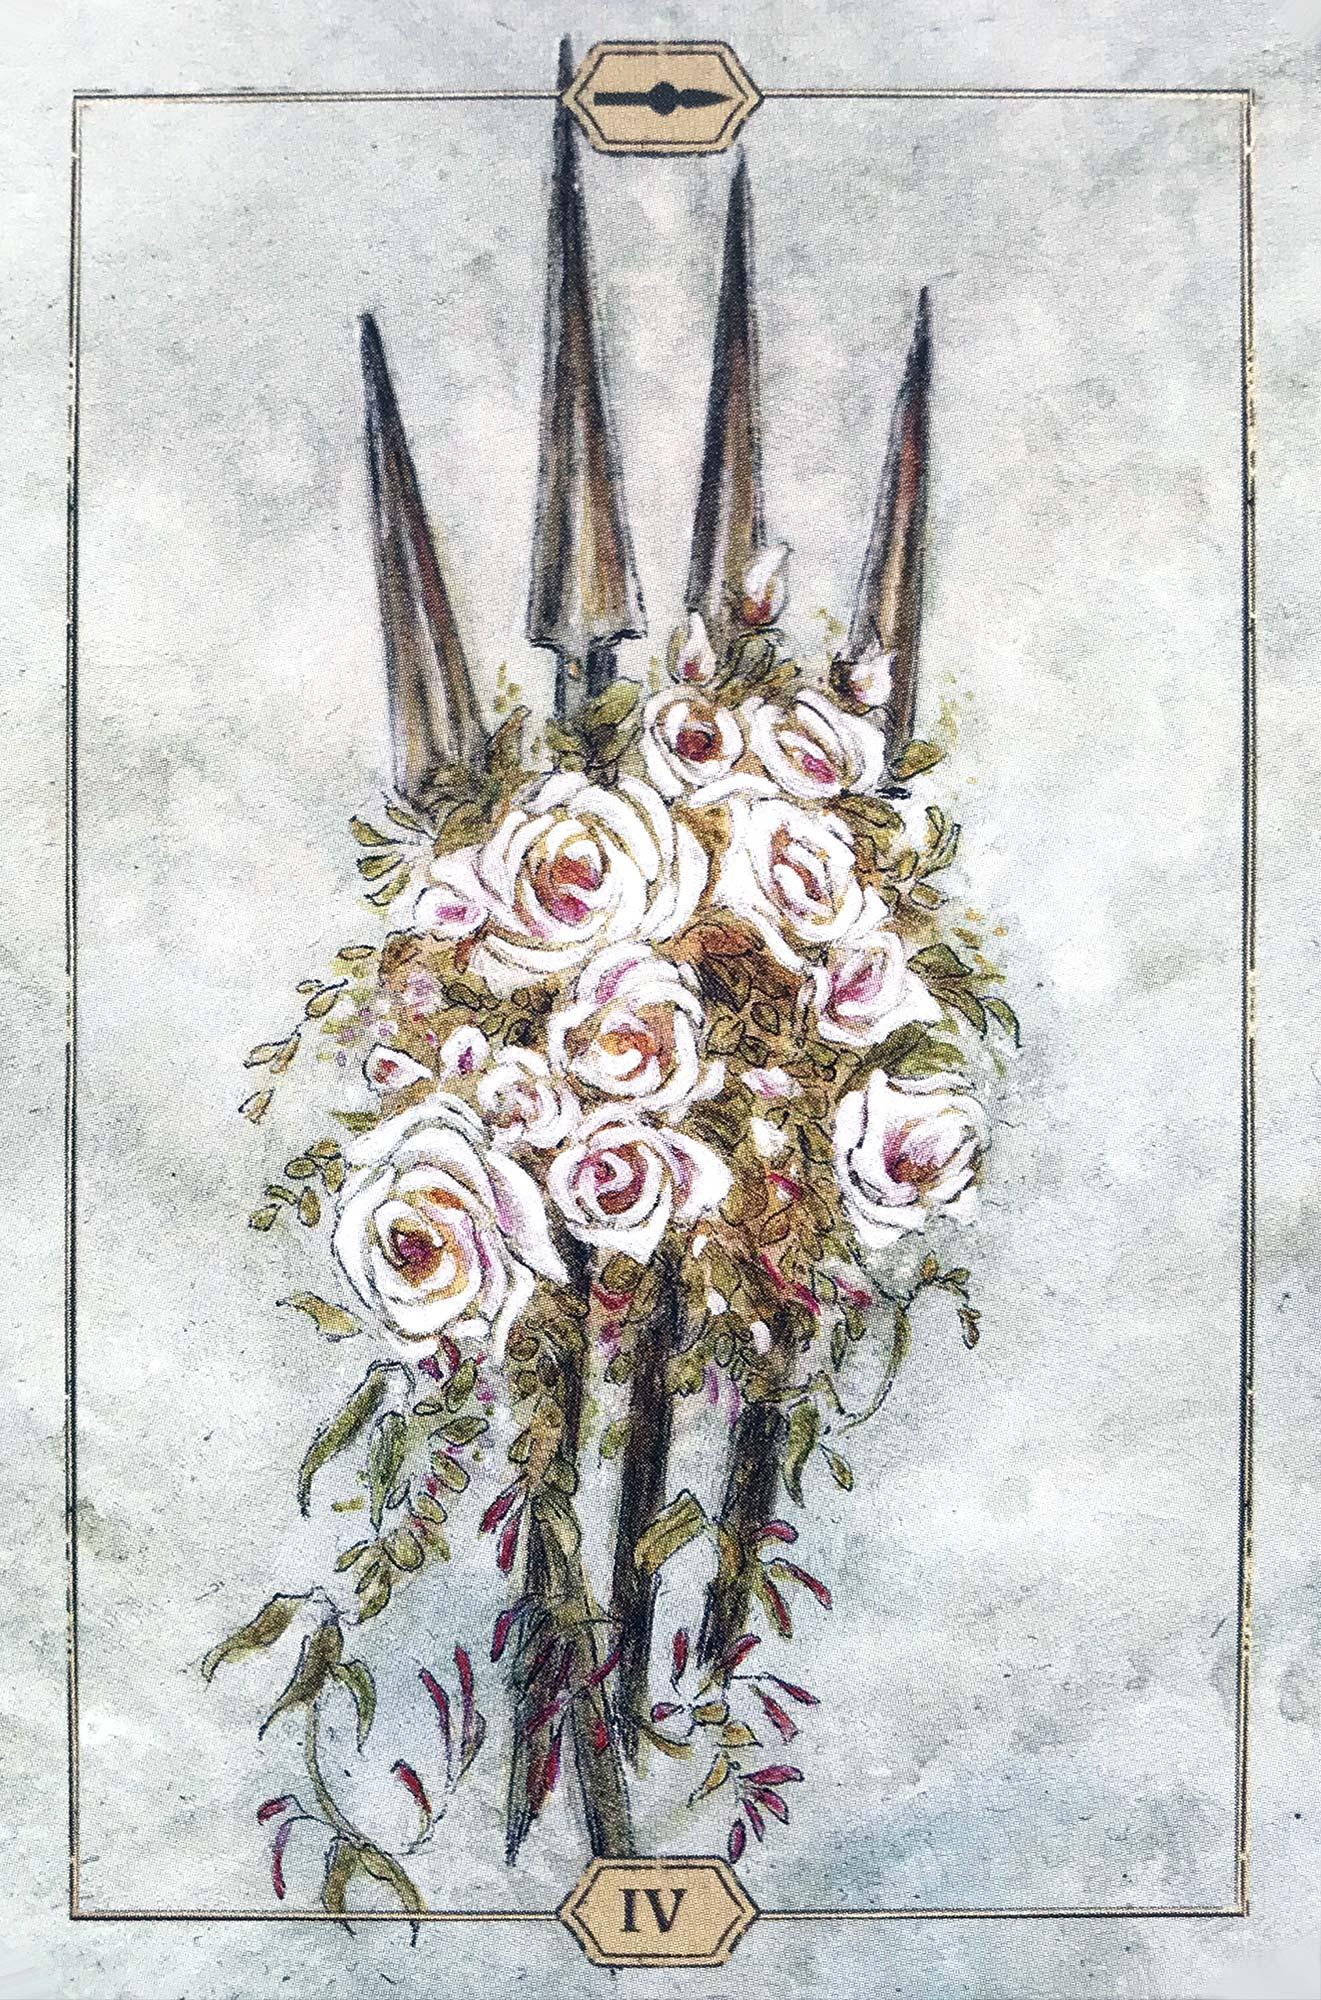 Hush Tarot - Four of Wands